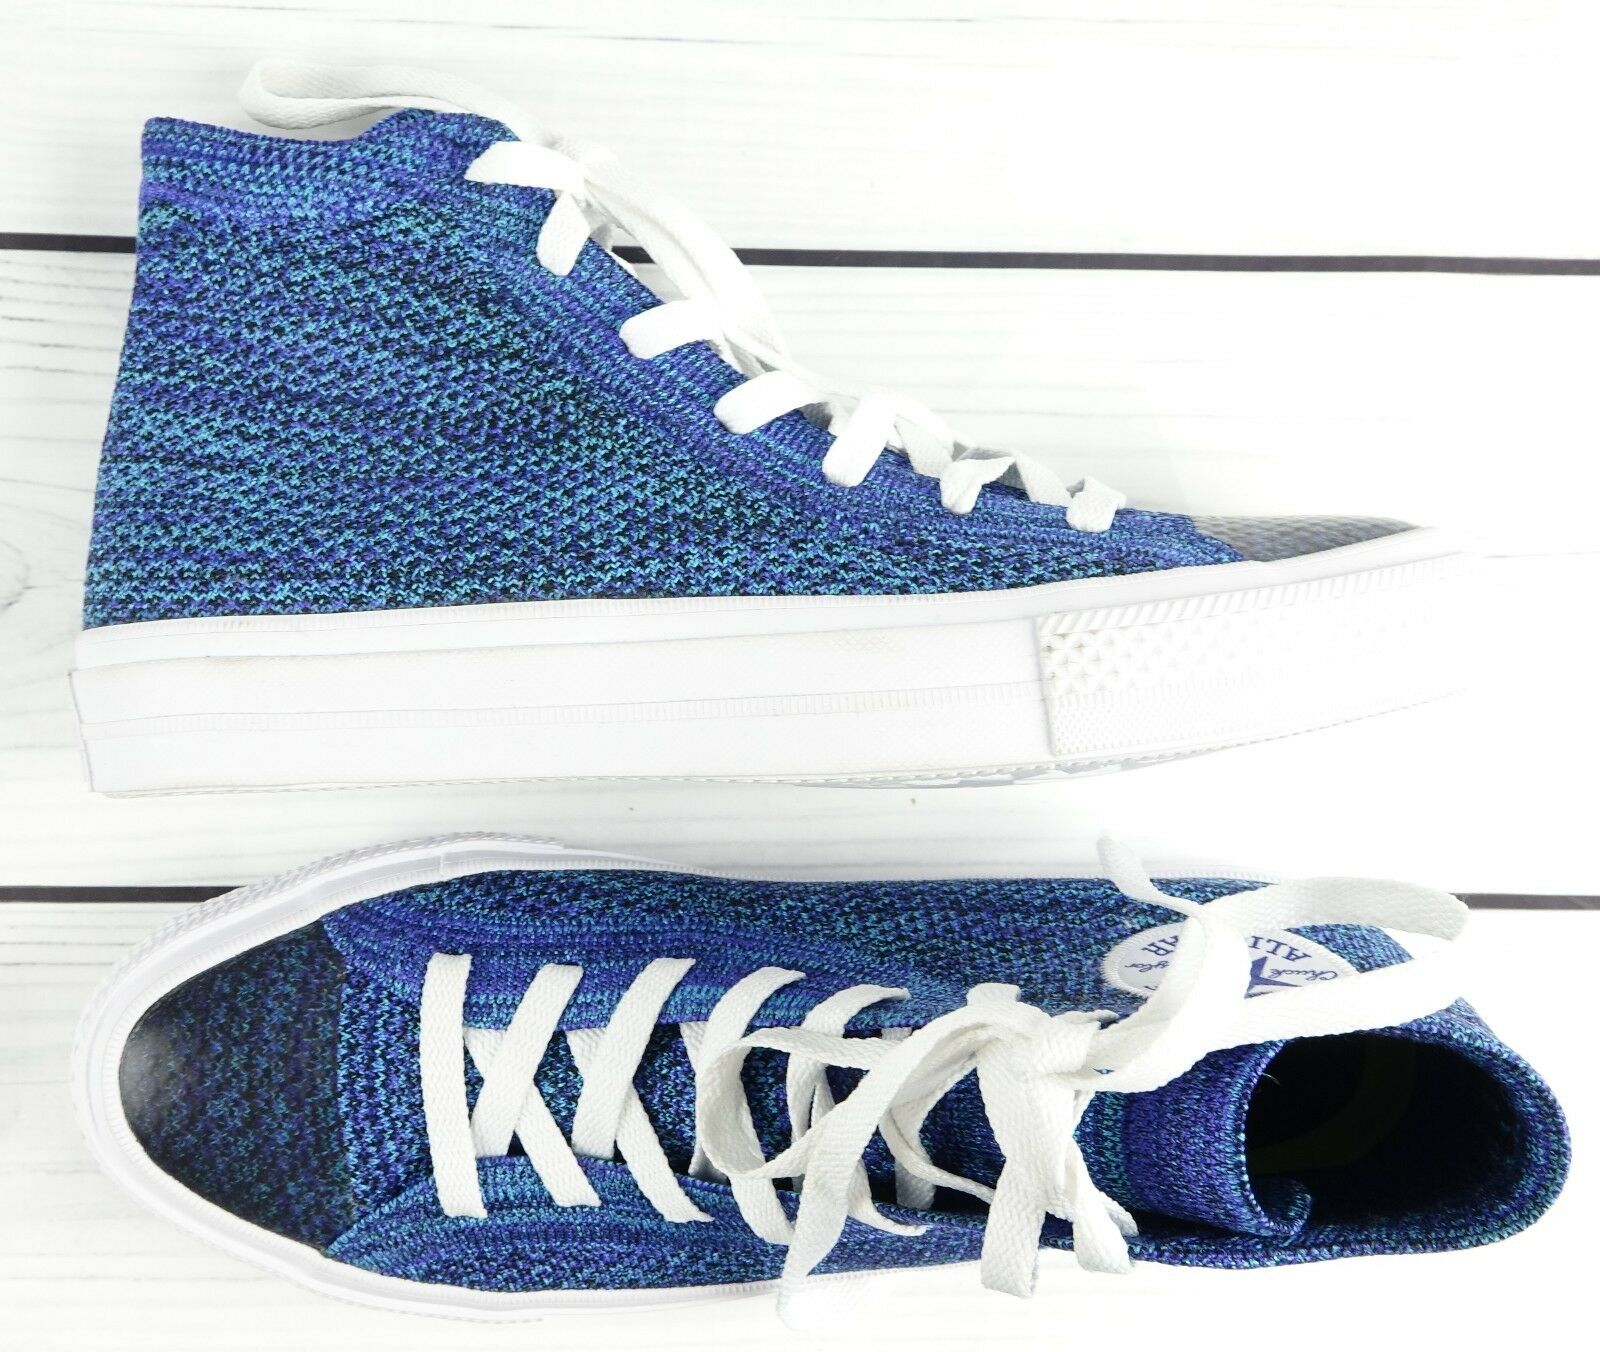 Converse Chuck Taylor All Star X Flyknit Blau MEN SZ 6 WMNS SZ 8 157507C